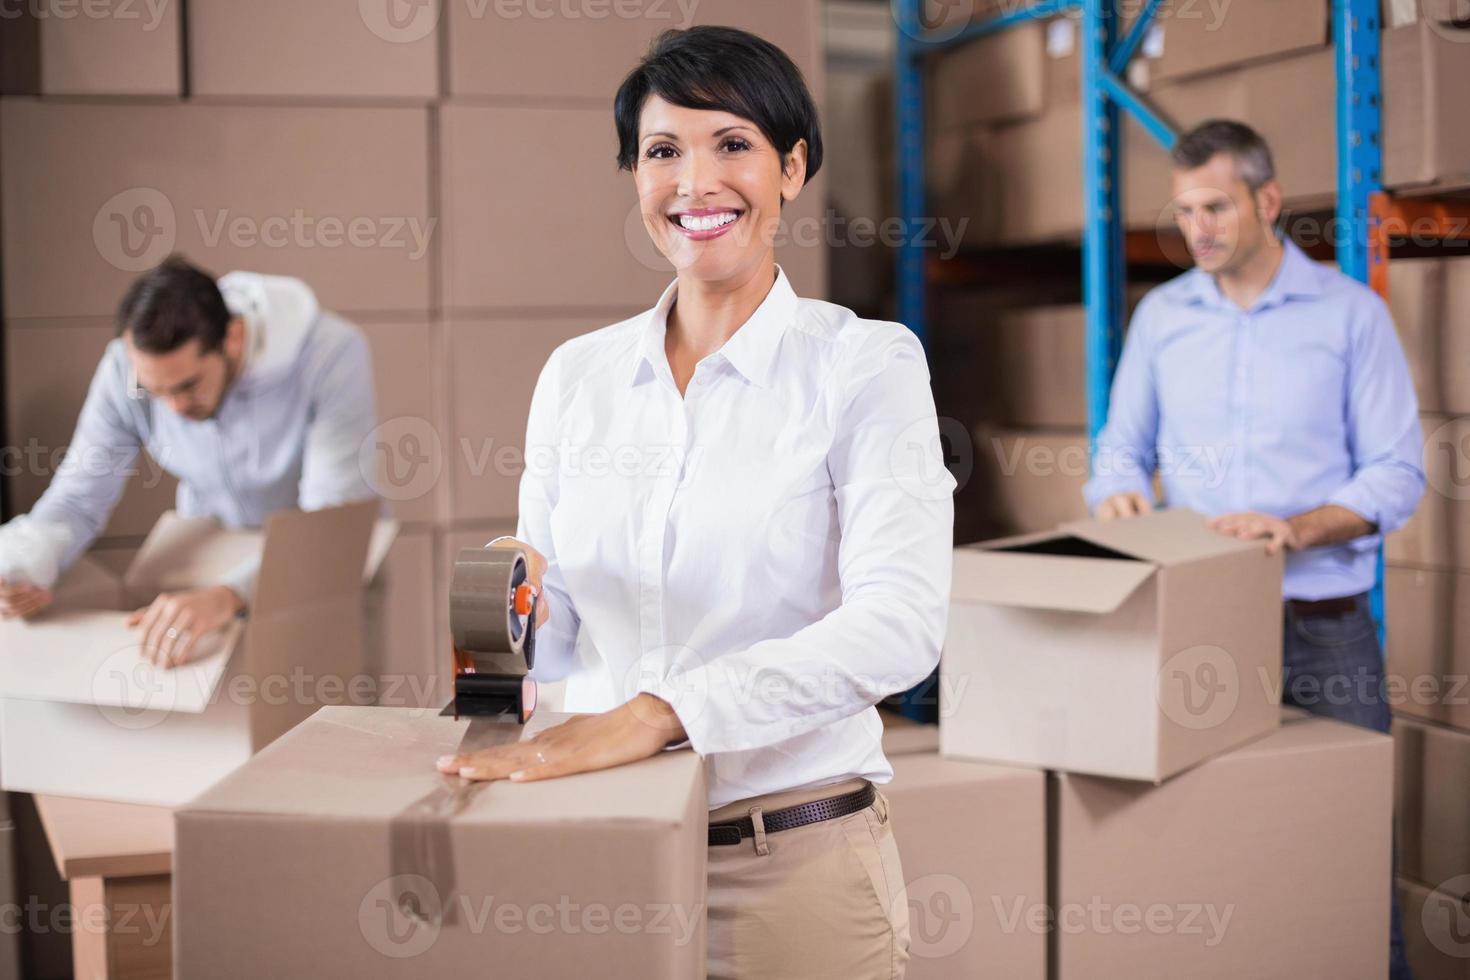 lagerarbetare som packar upp lådor foto